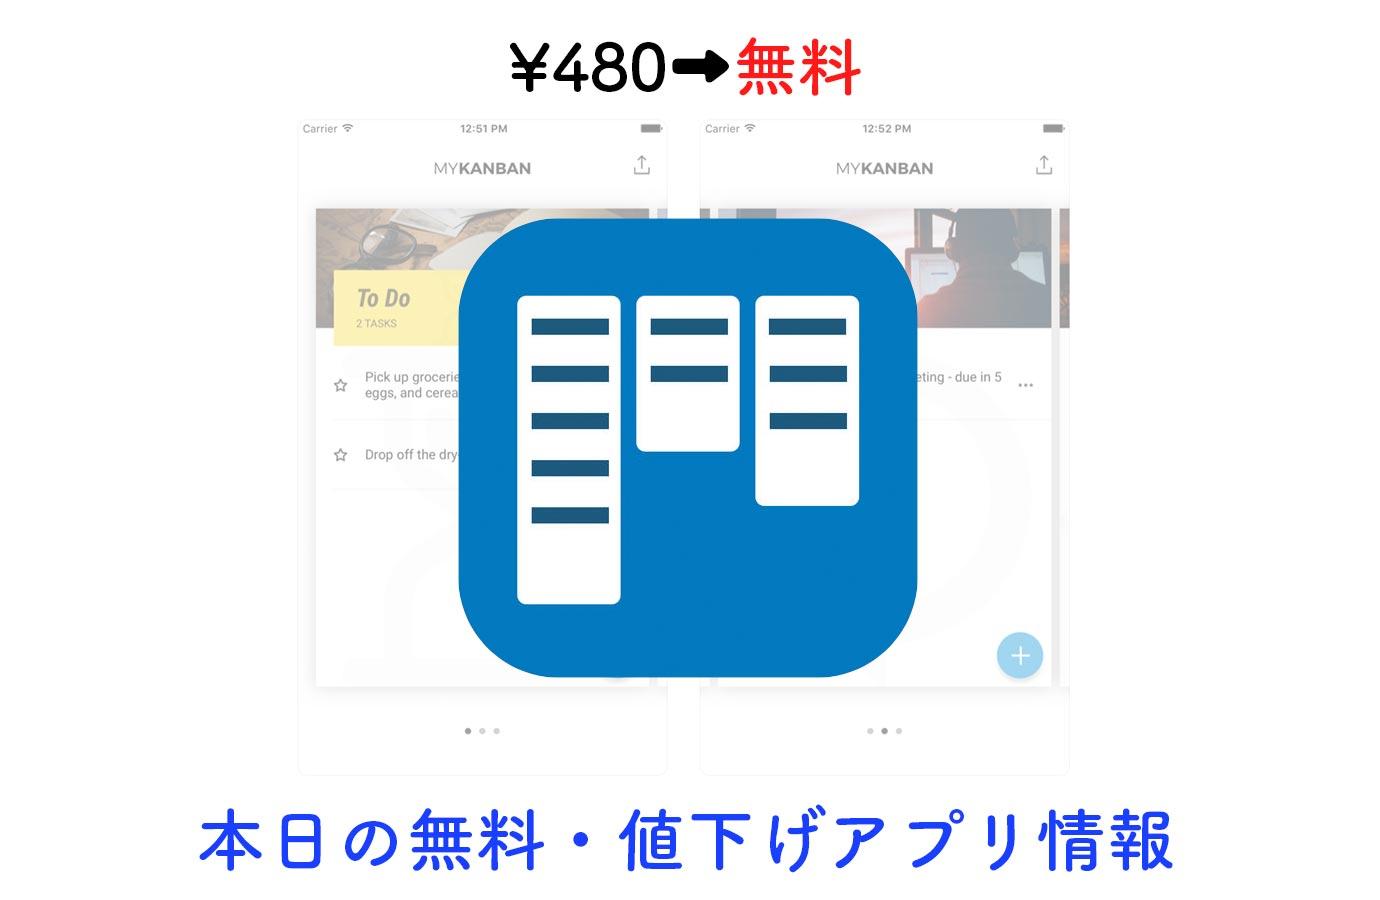 ¥480→無料、3つのリストで管理しやすいTodoアプリ「My Kanban」など【1/22】本日の無料・値下げアプリ情報